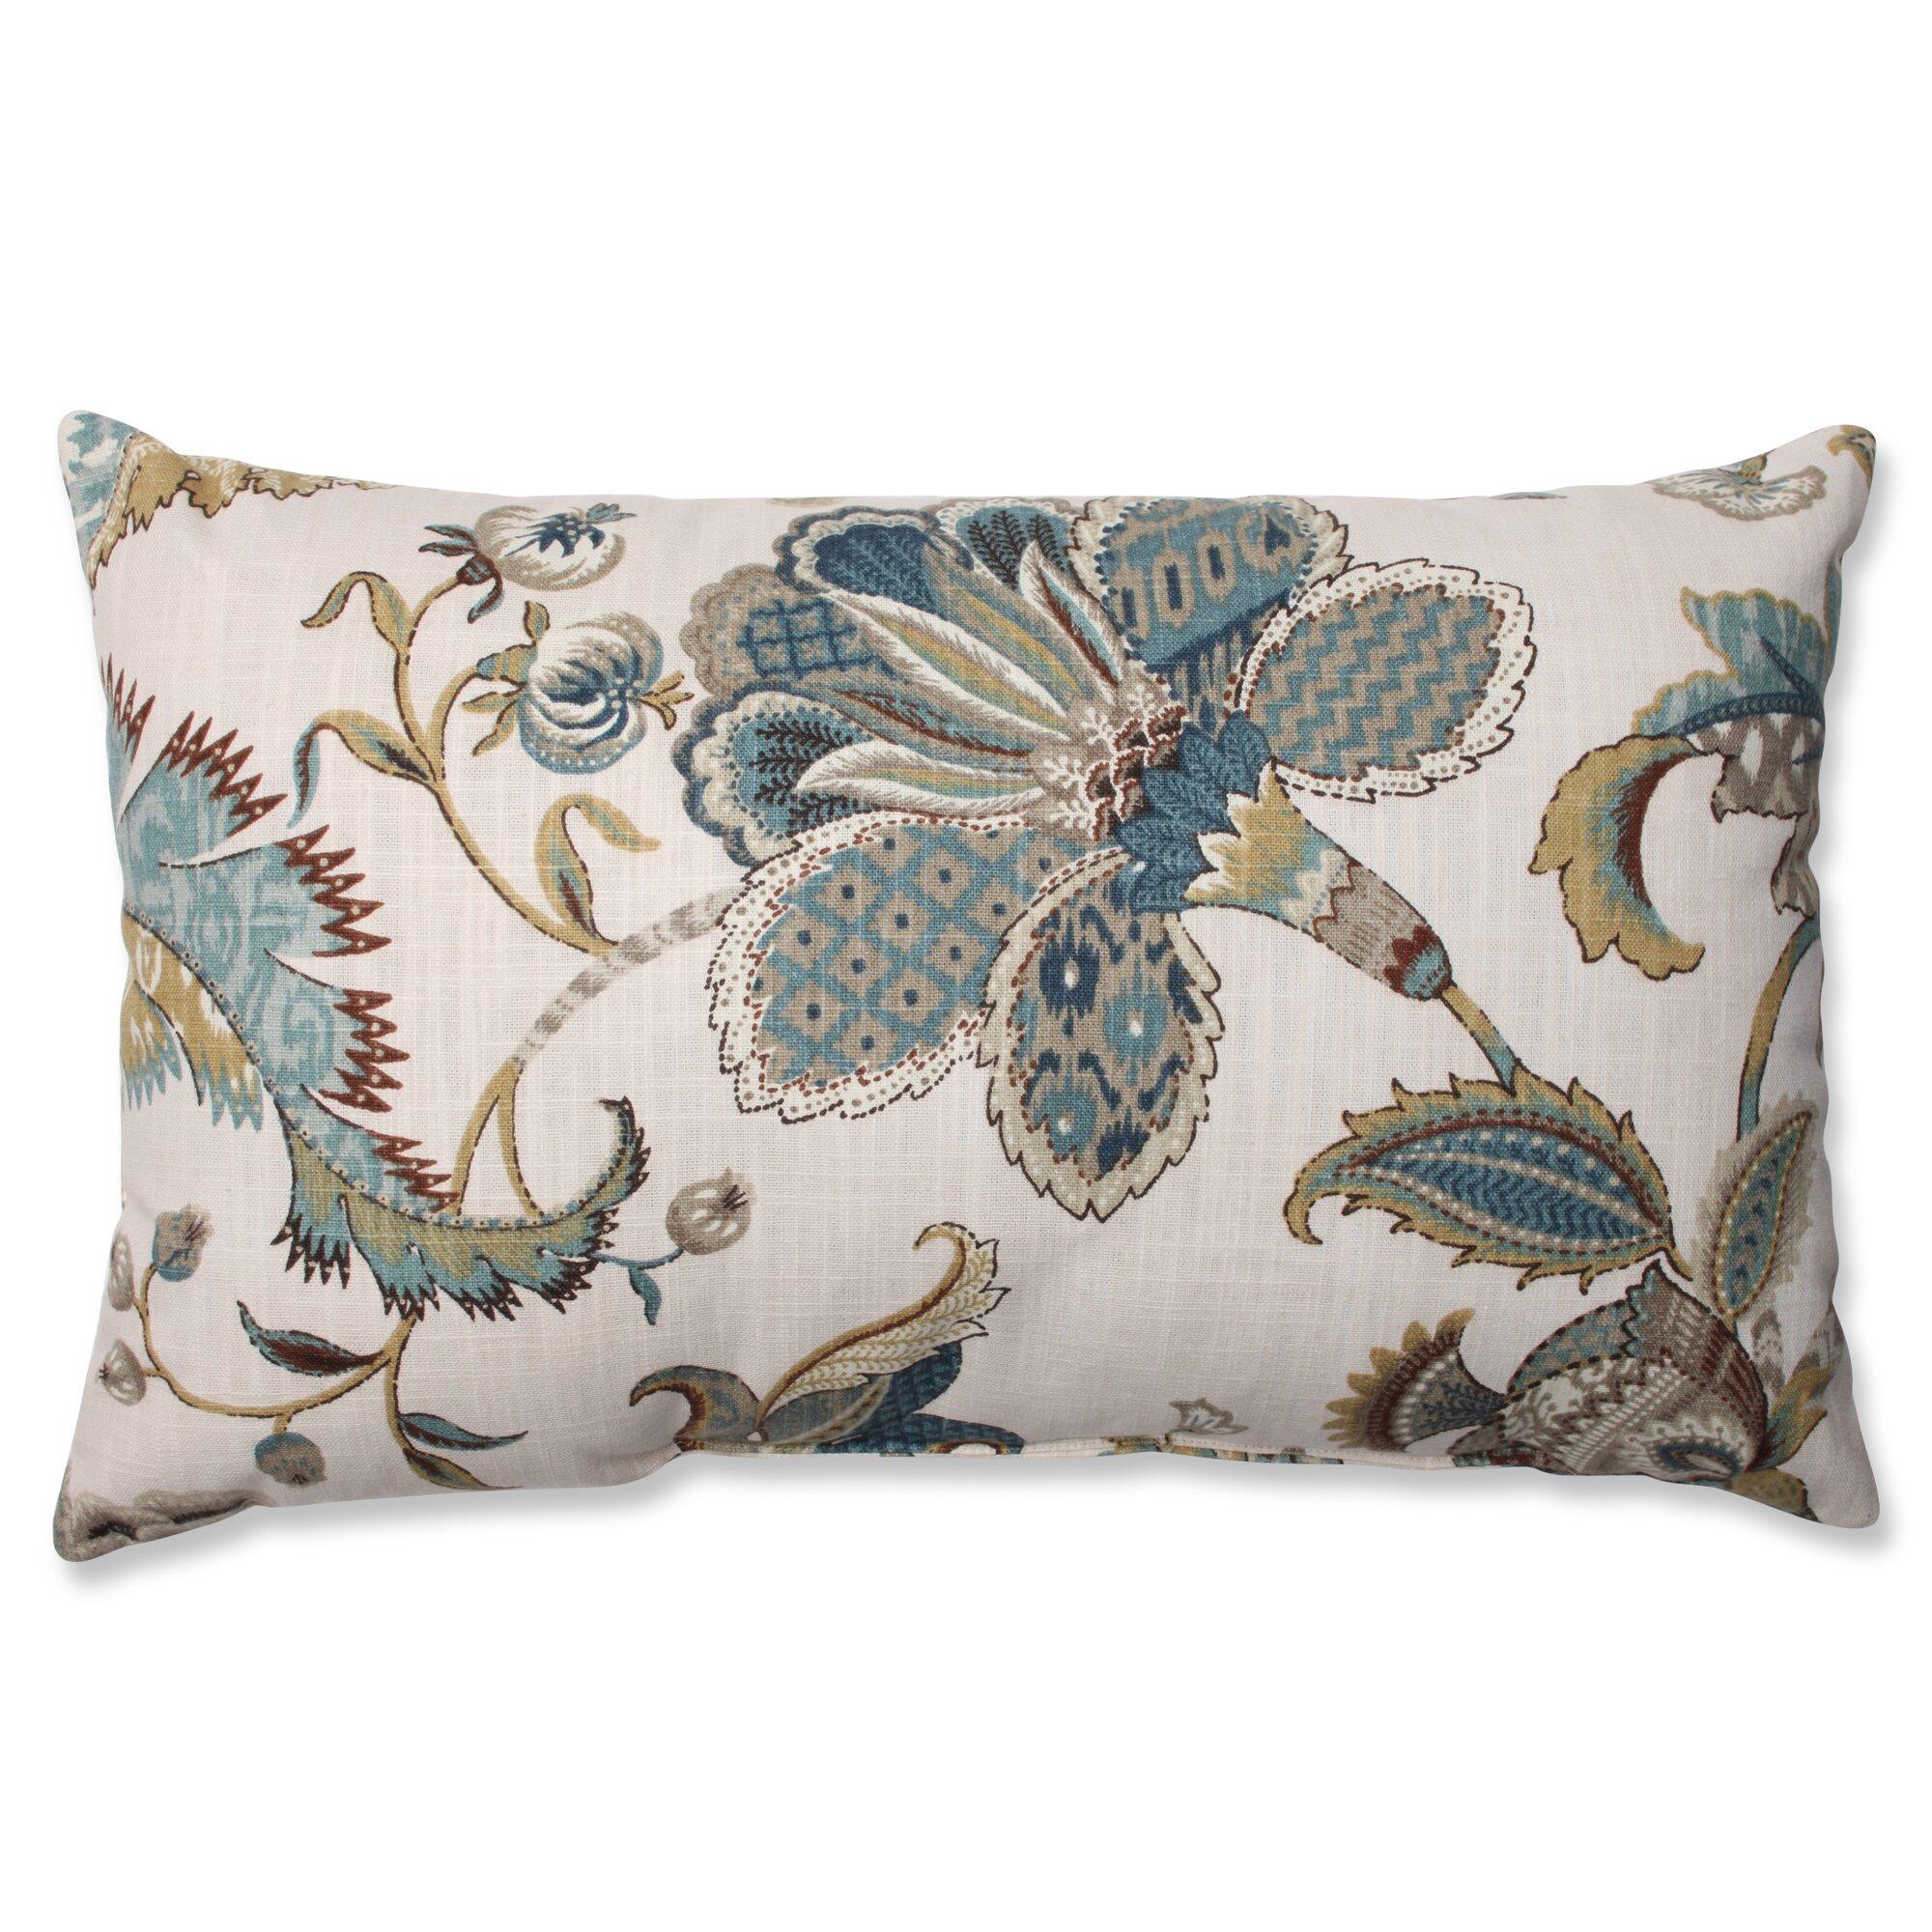 erie cotton lumbar pillow - Decorative Lumbar Pillows